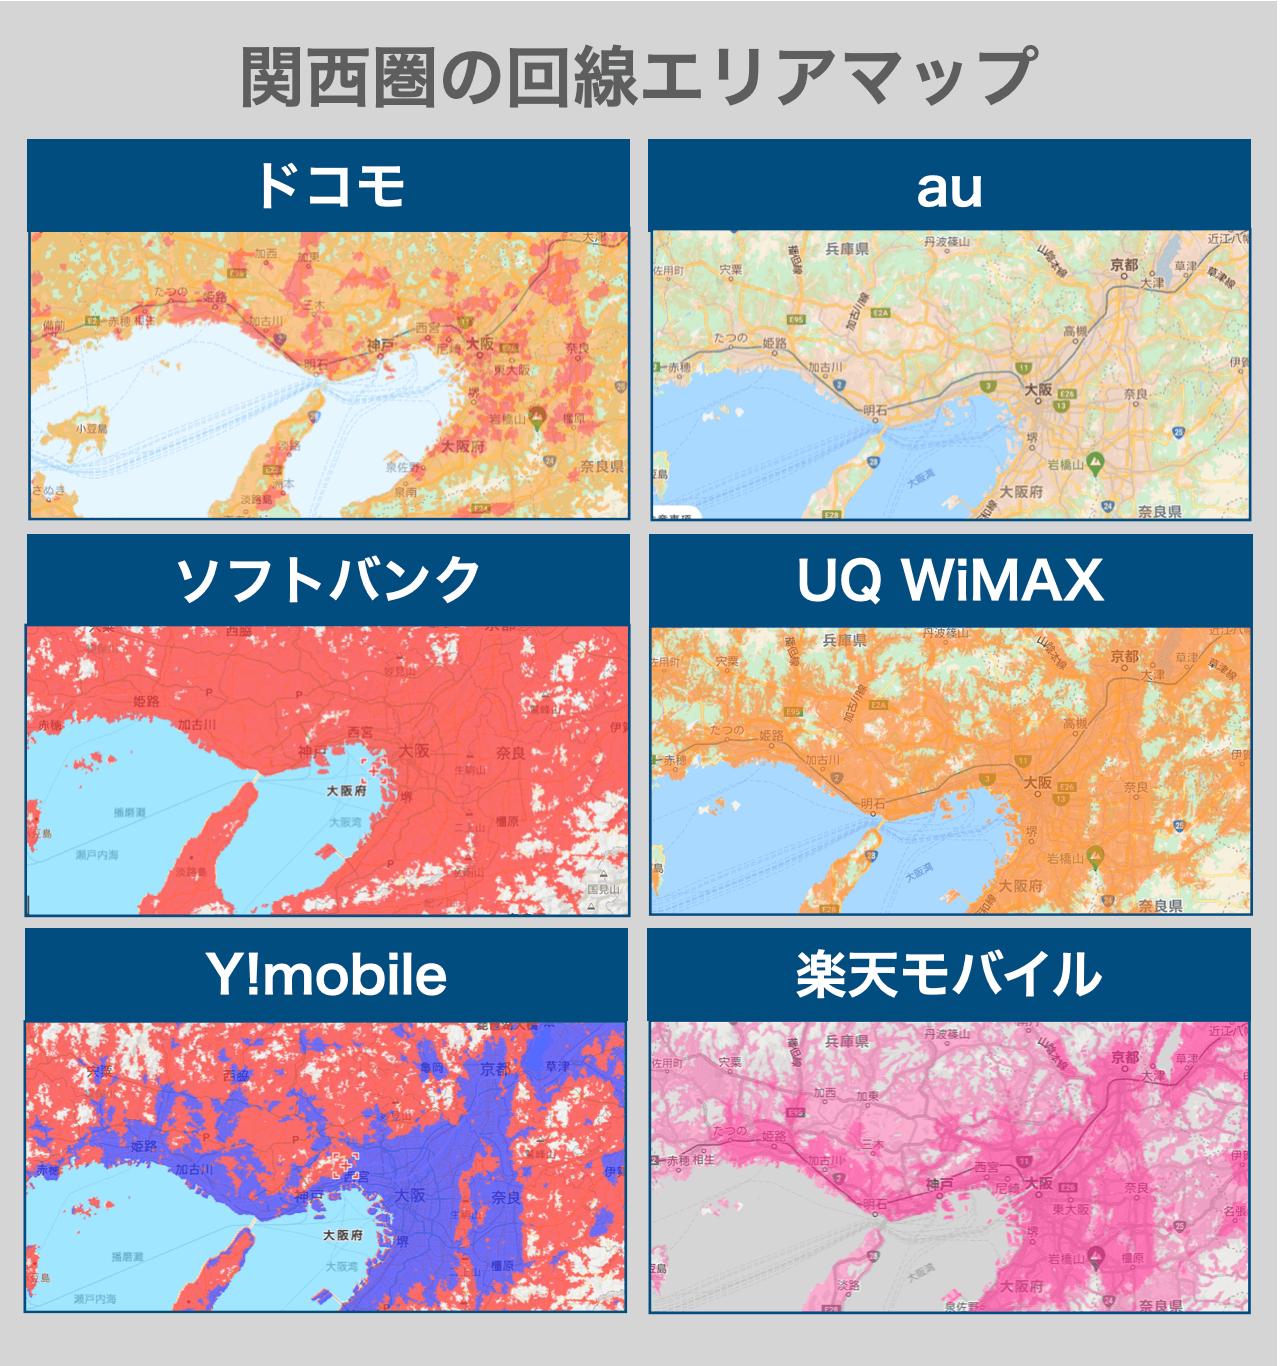 回線エリアマップ(関西)